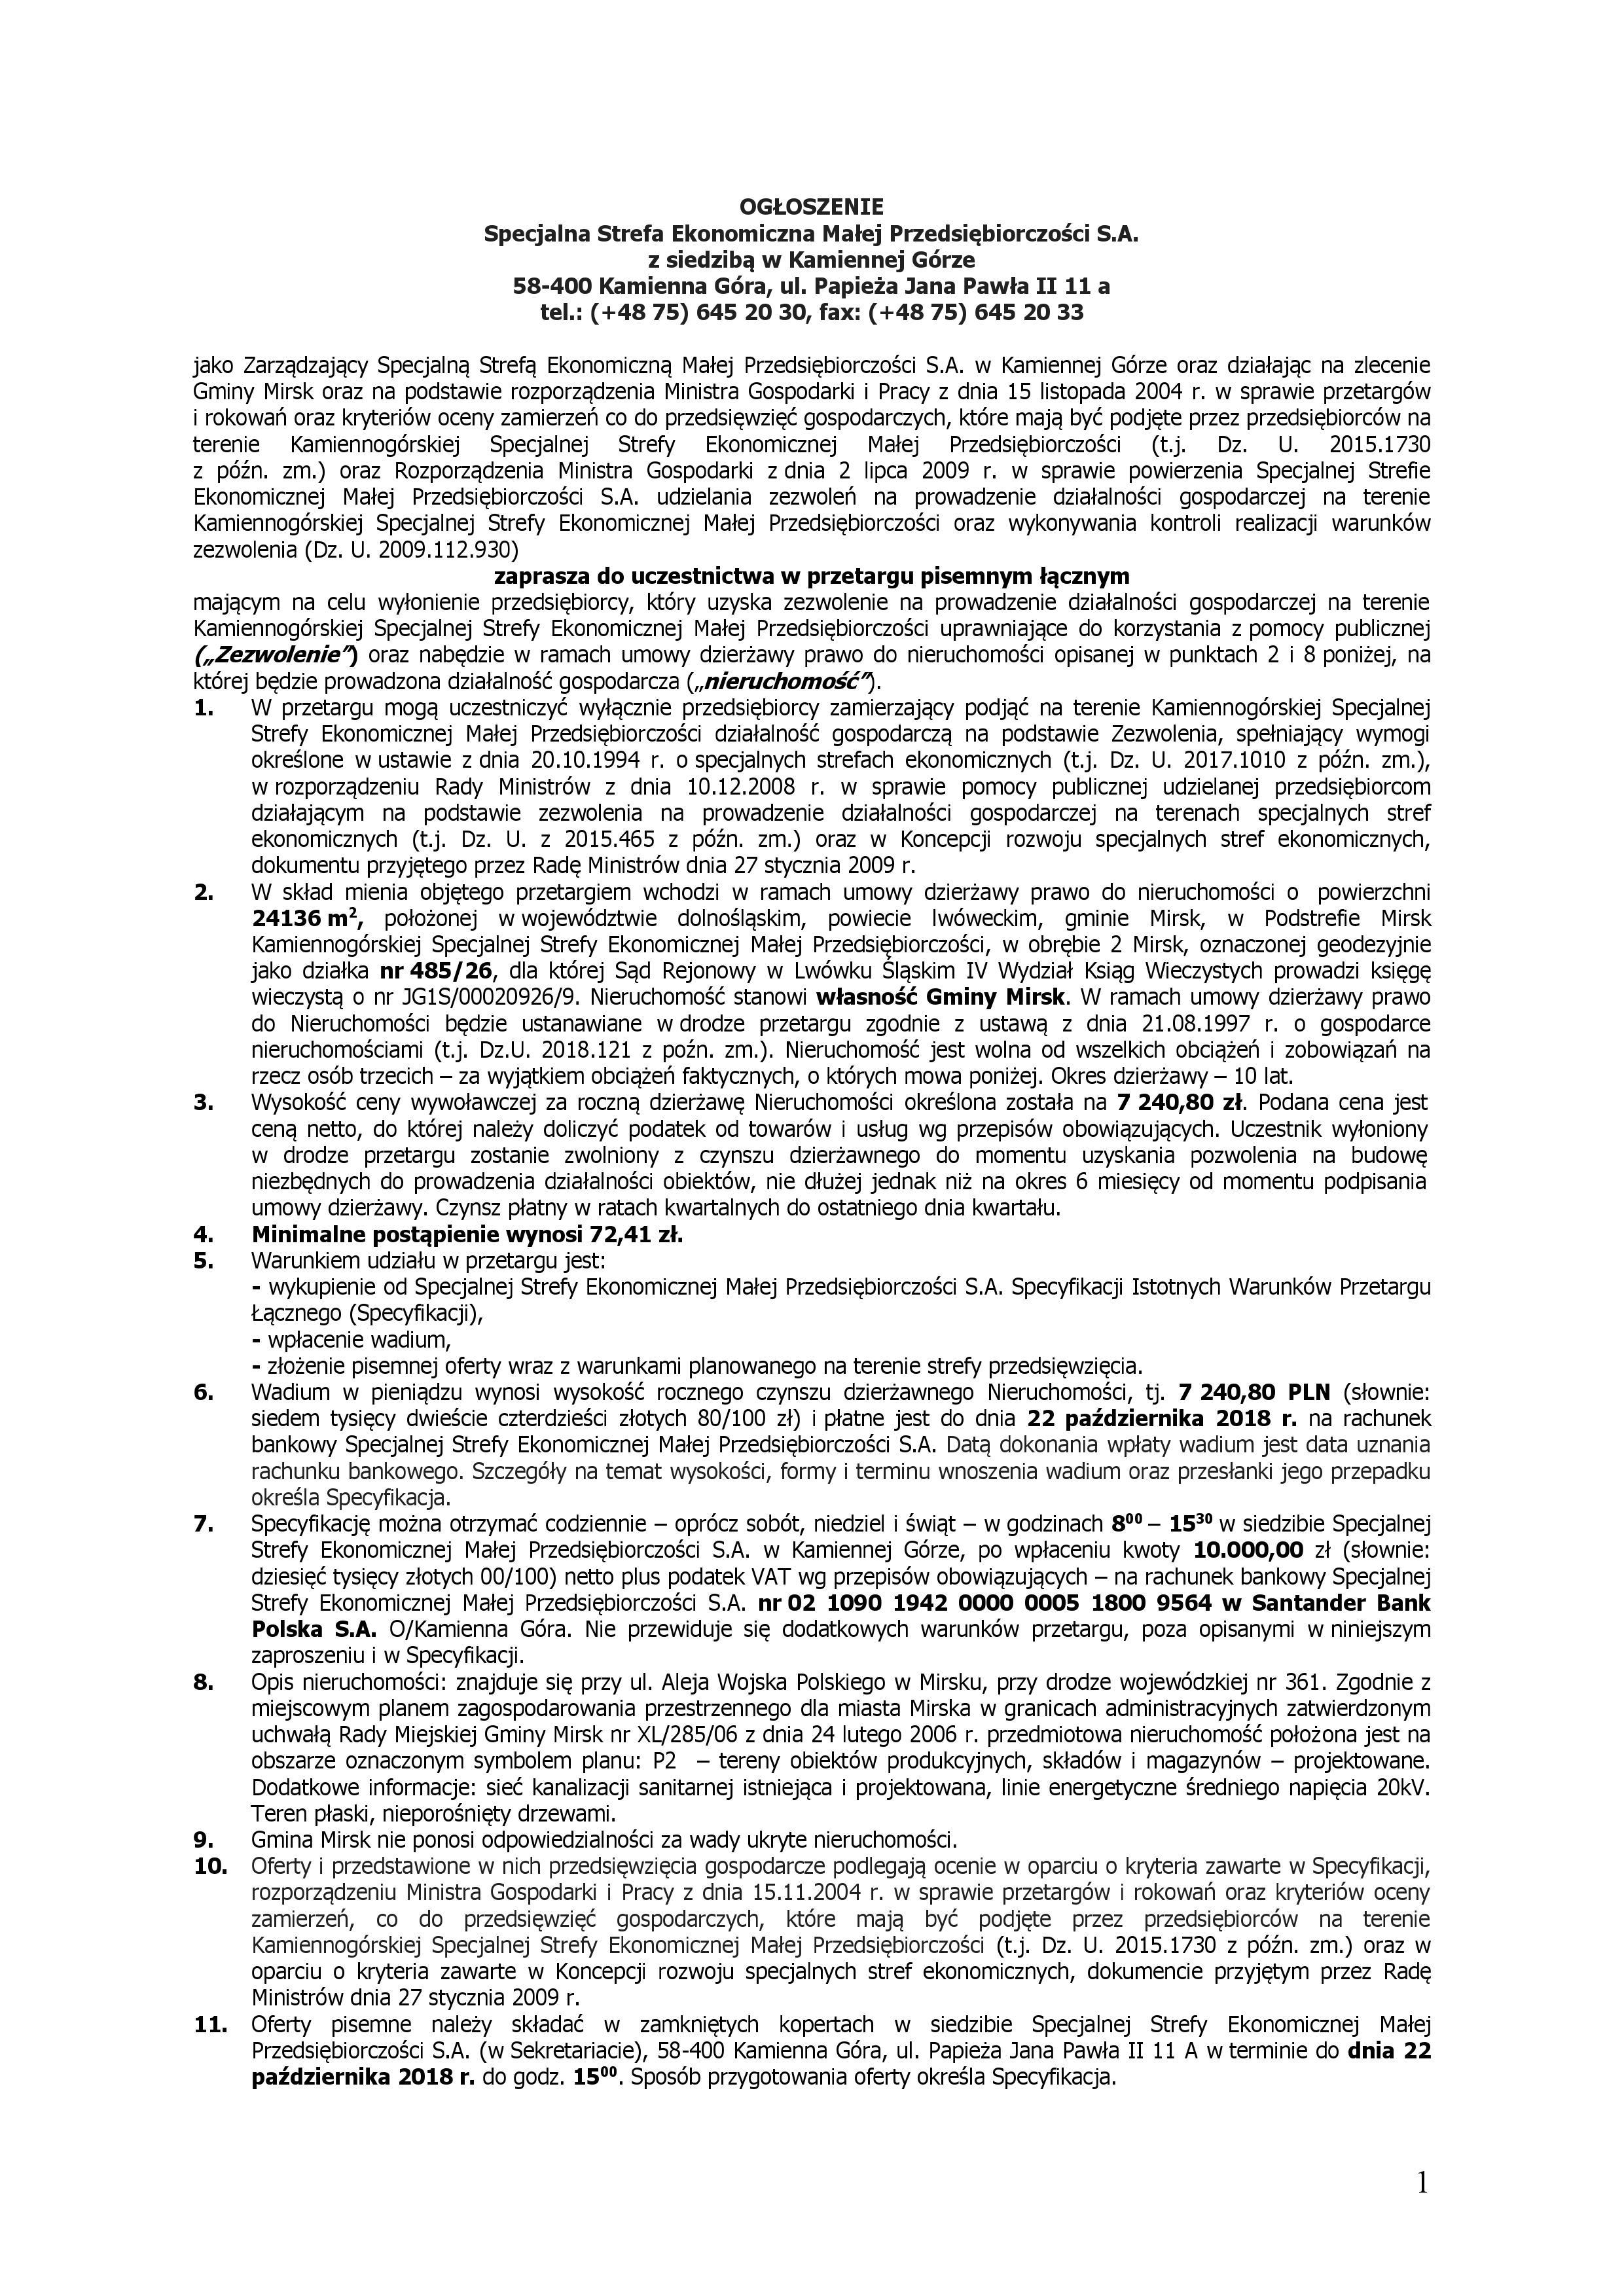 mirsk2009pl01